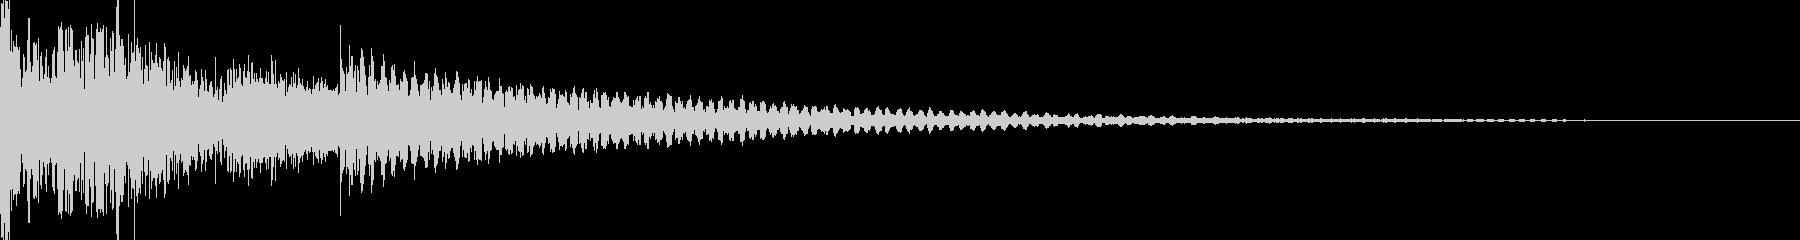 ジノ リール停止音(エジプト音階)の未再生の波形